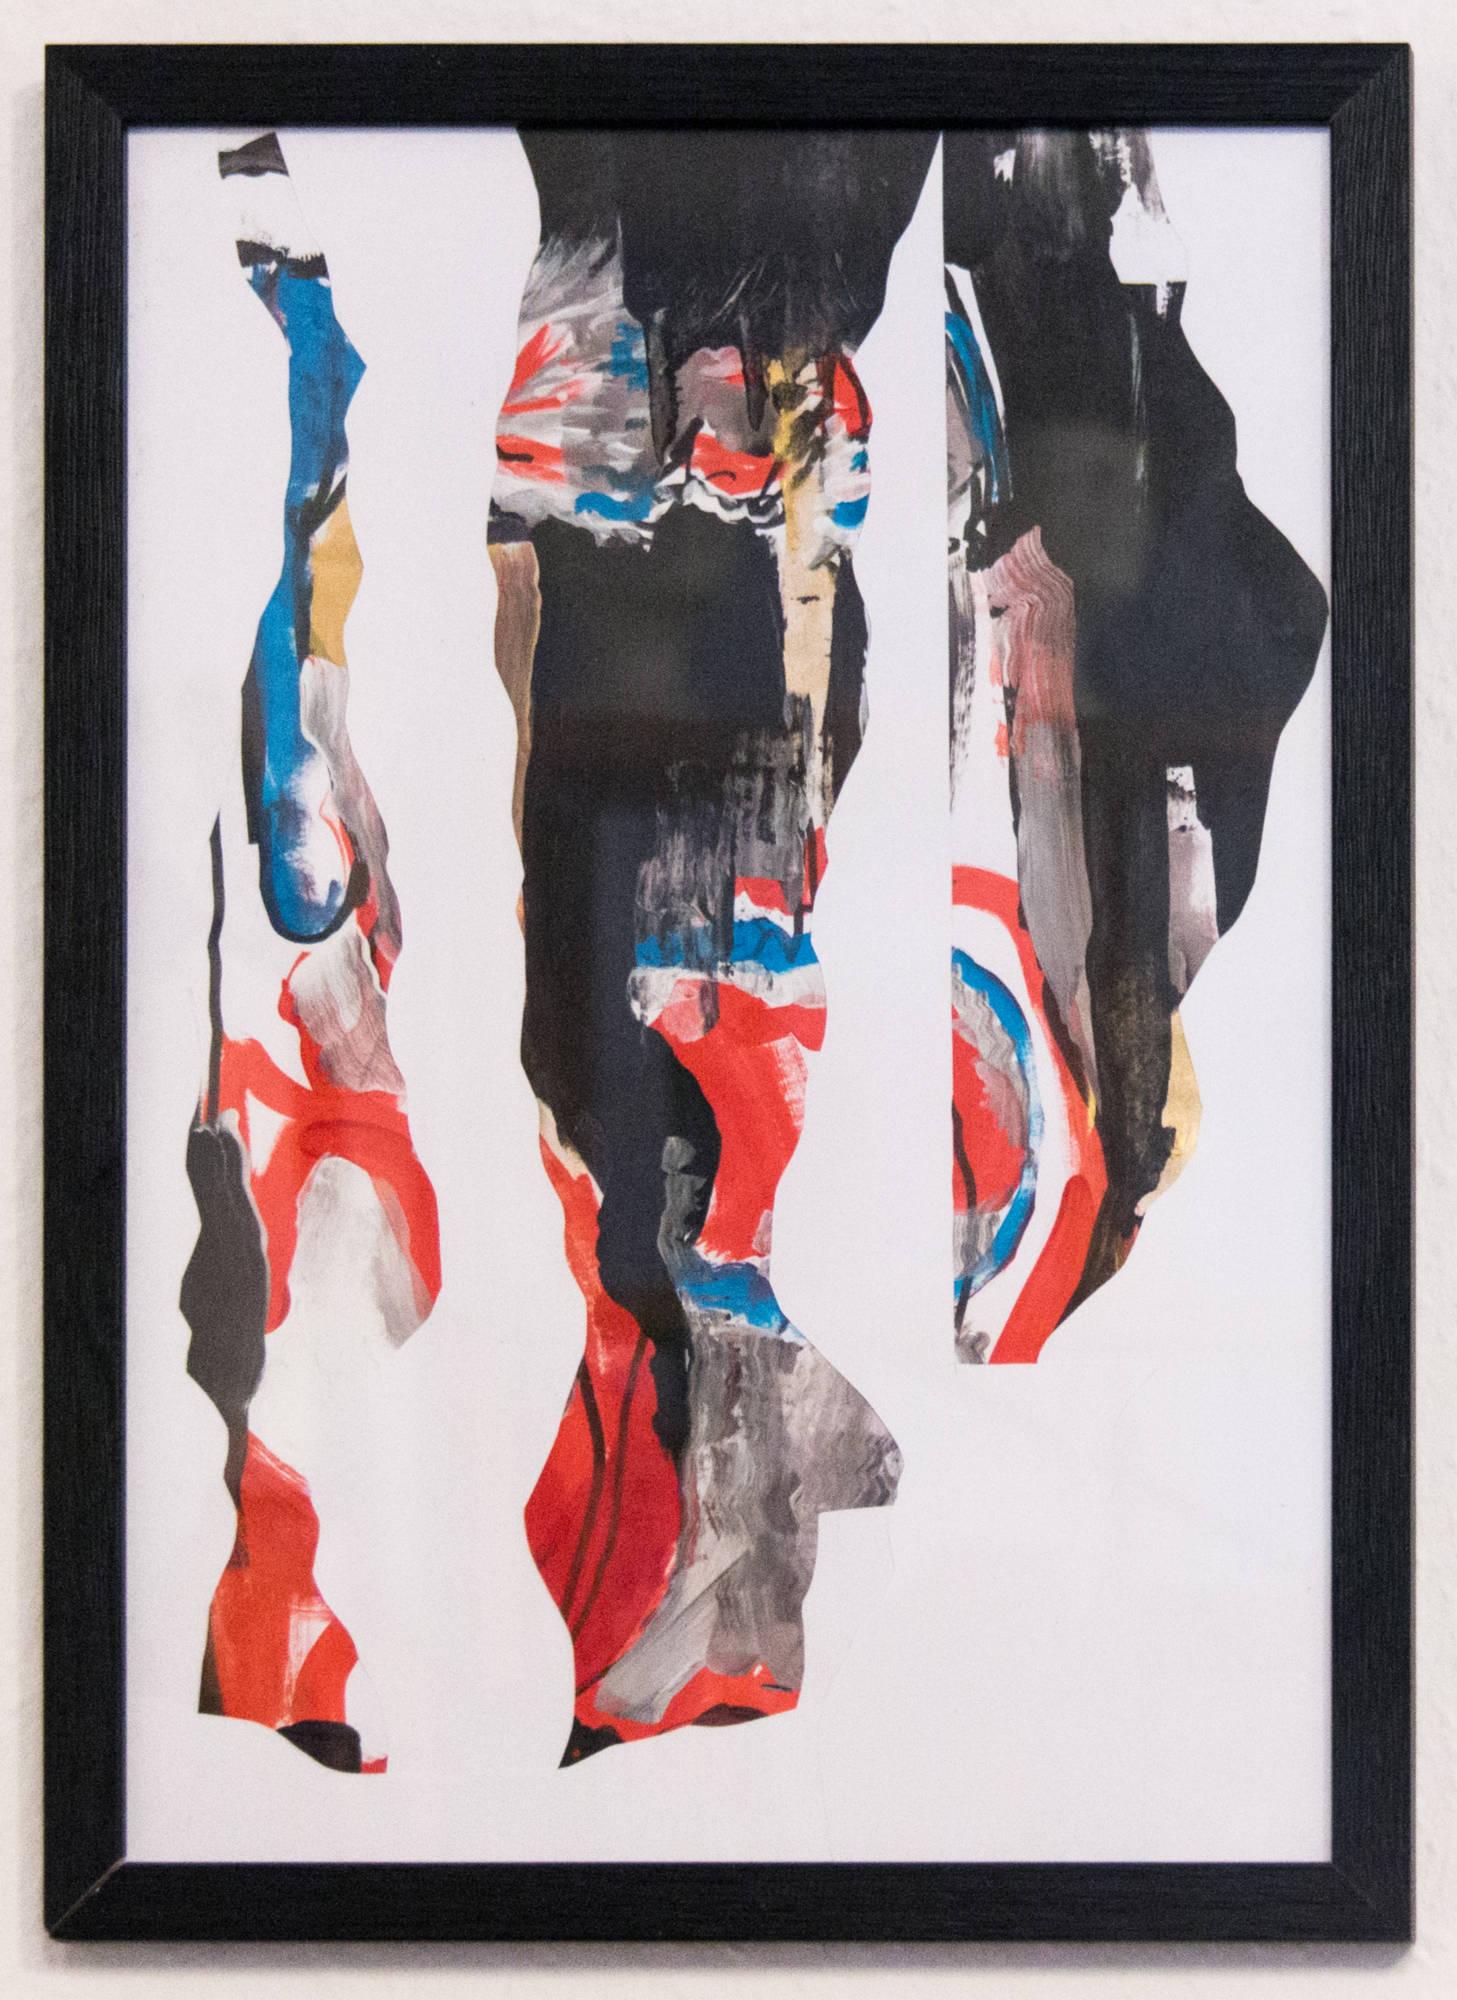 Das Zähneputzen, 29,7x42cm, Marc Allgaier, 2021